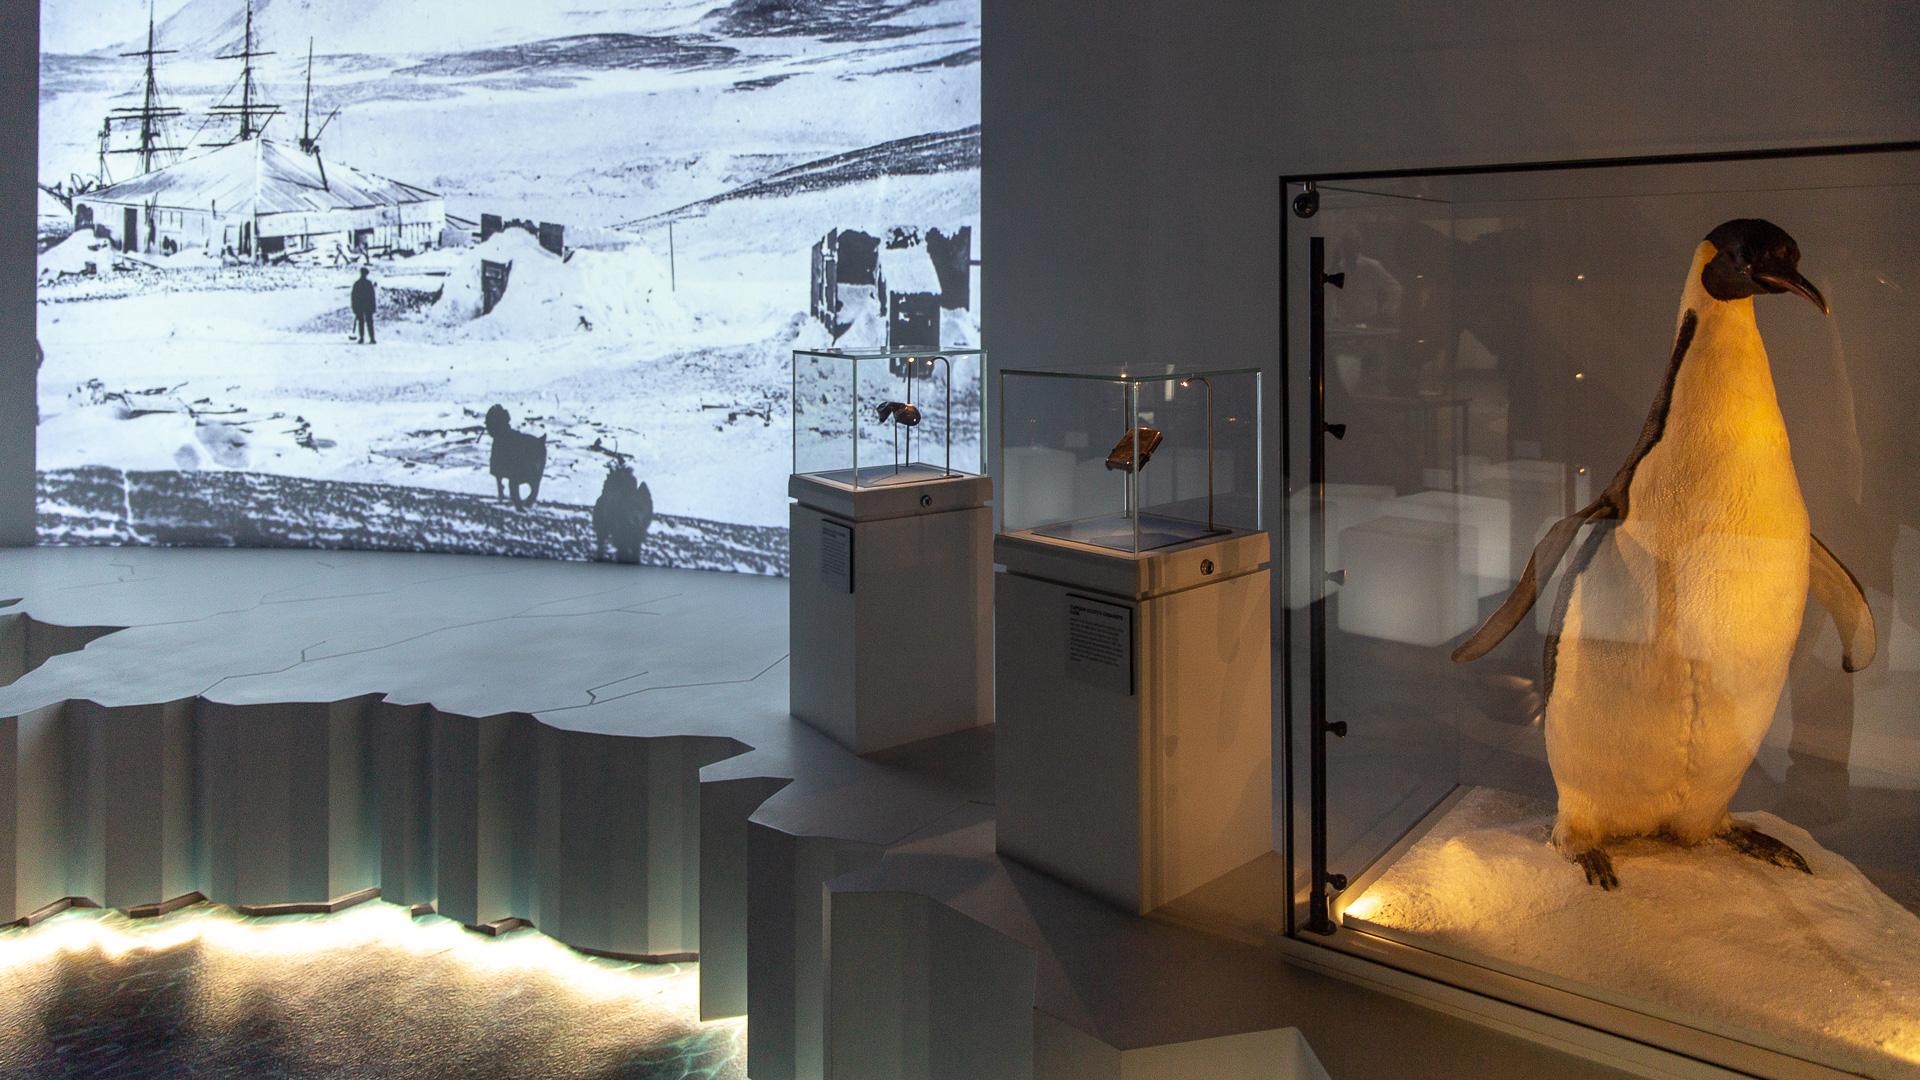 Der erste Raum der Ausstellung setzt die Besucher in Szene